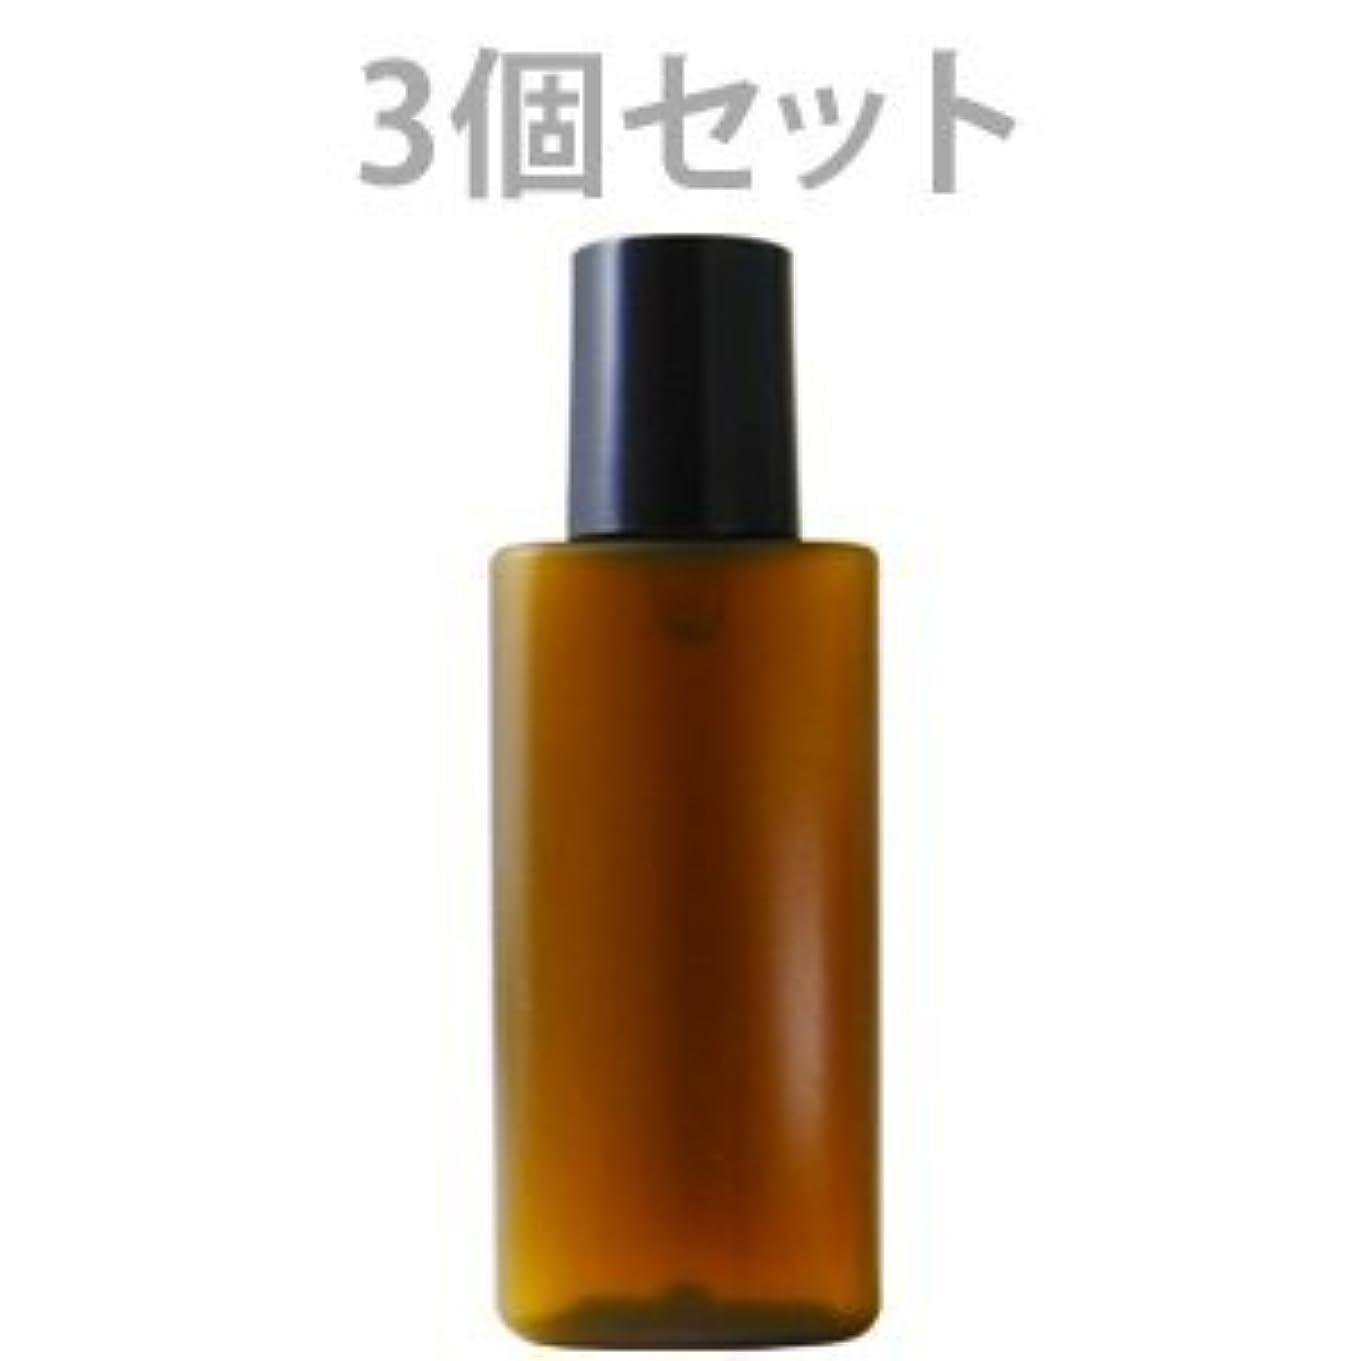 遮光ミニプラボトル容器 20ml (茶) (3個セット)